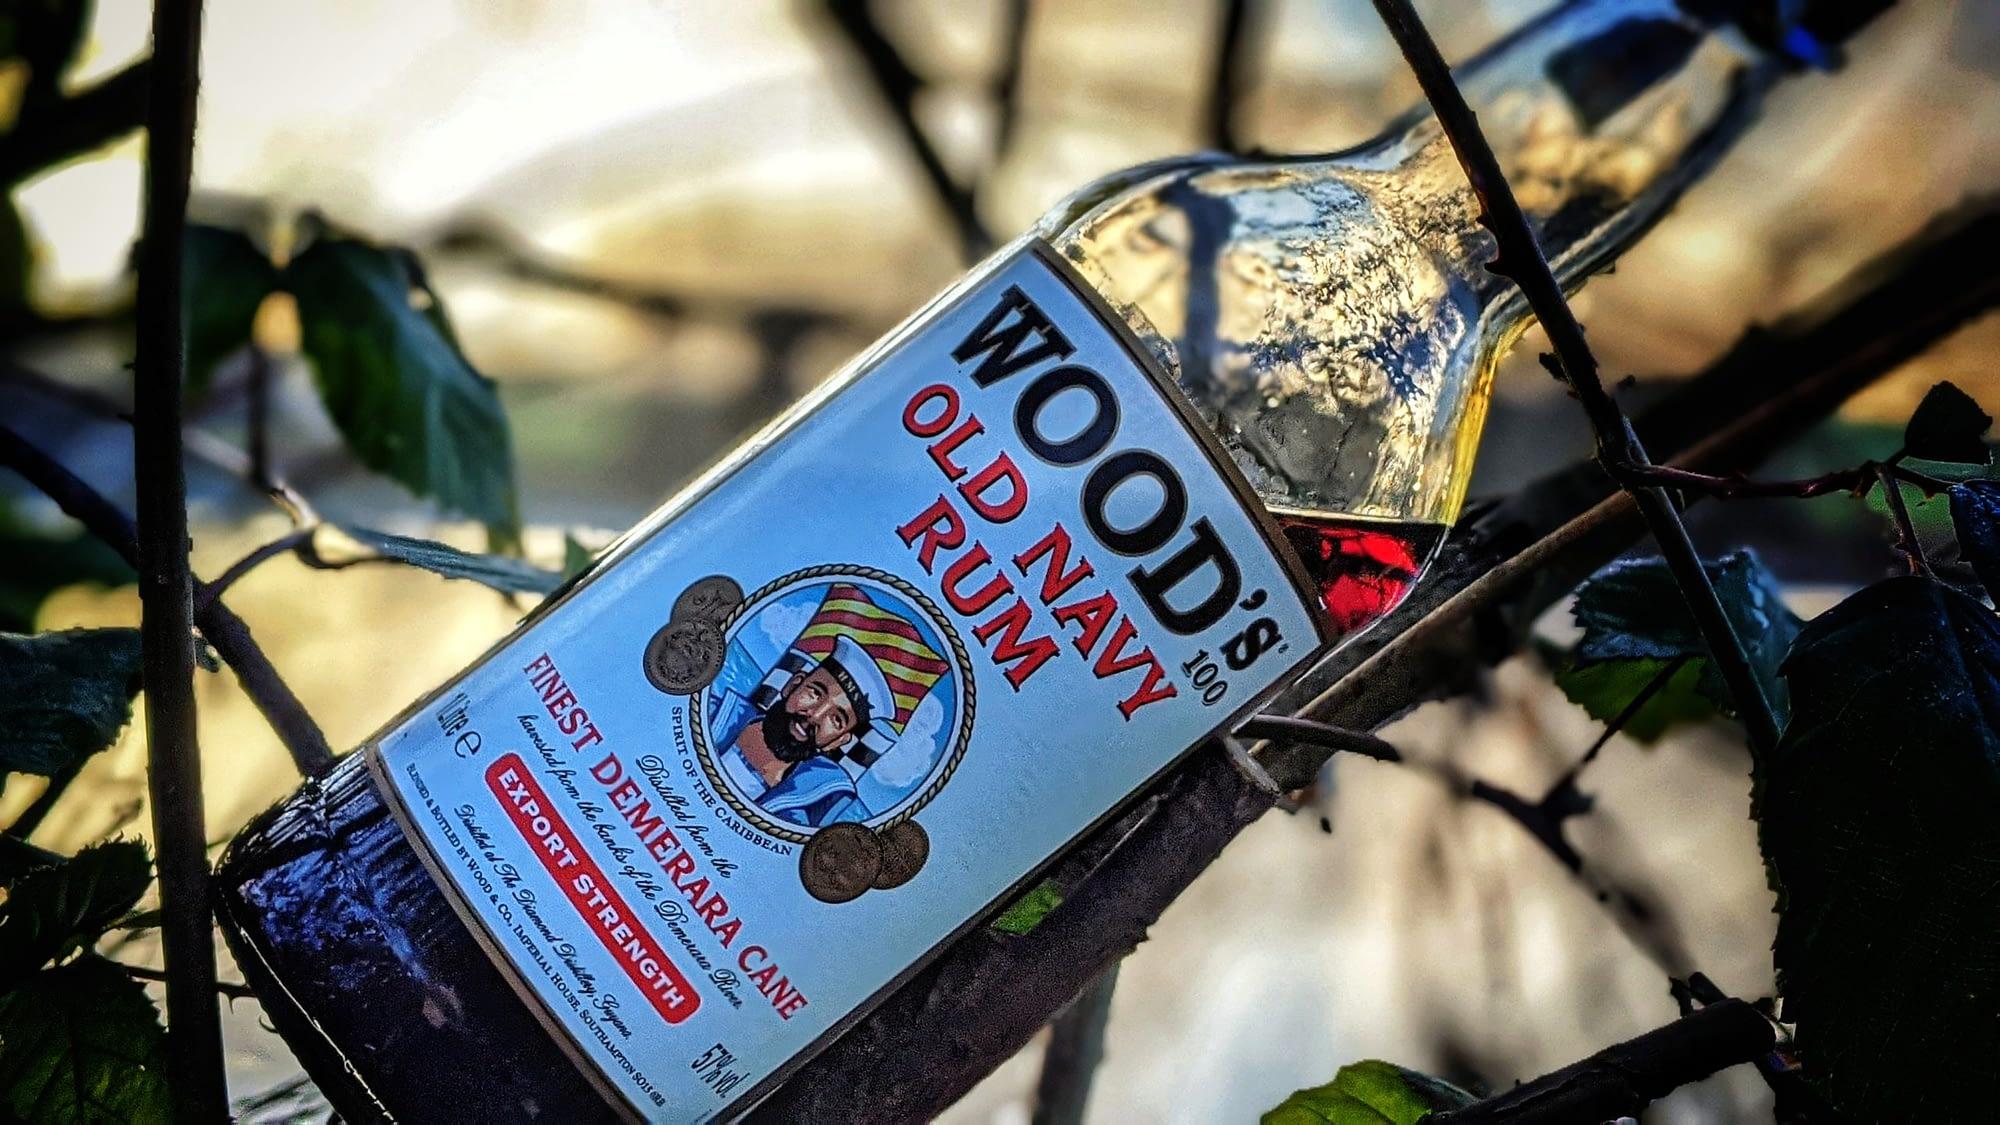 Wood's Old Navy rum – lékořice v láhvi